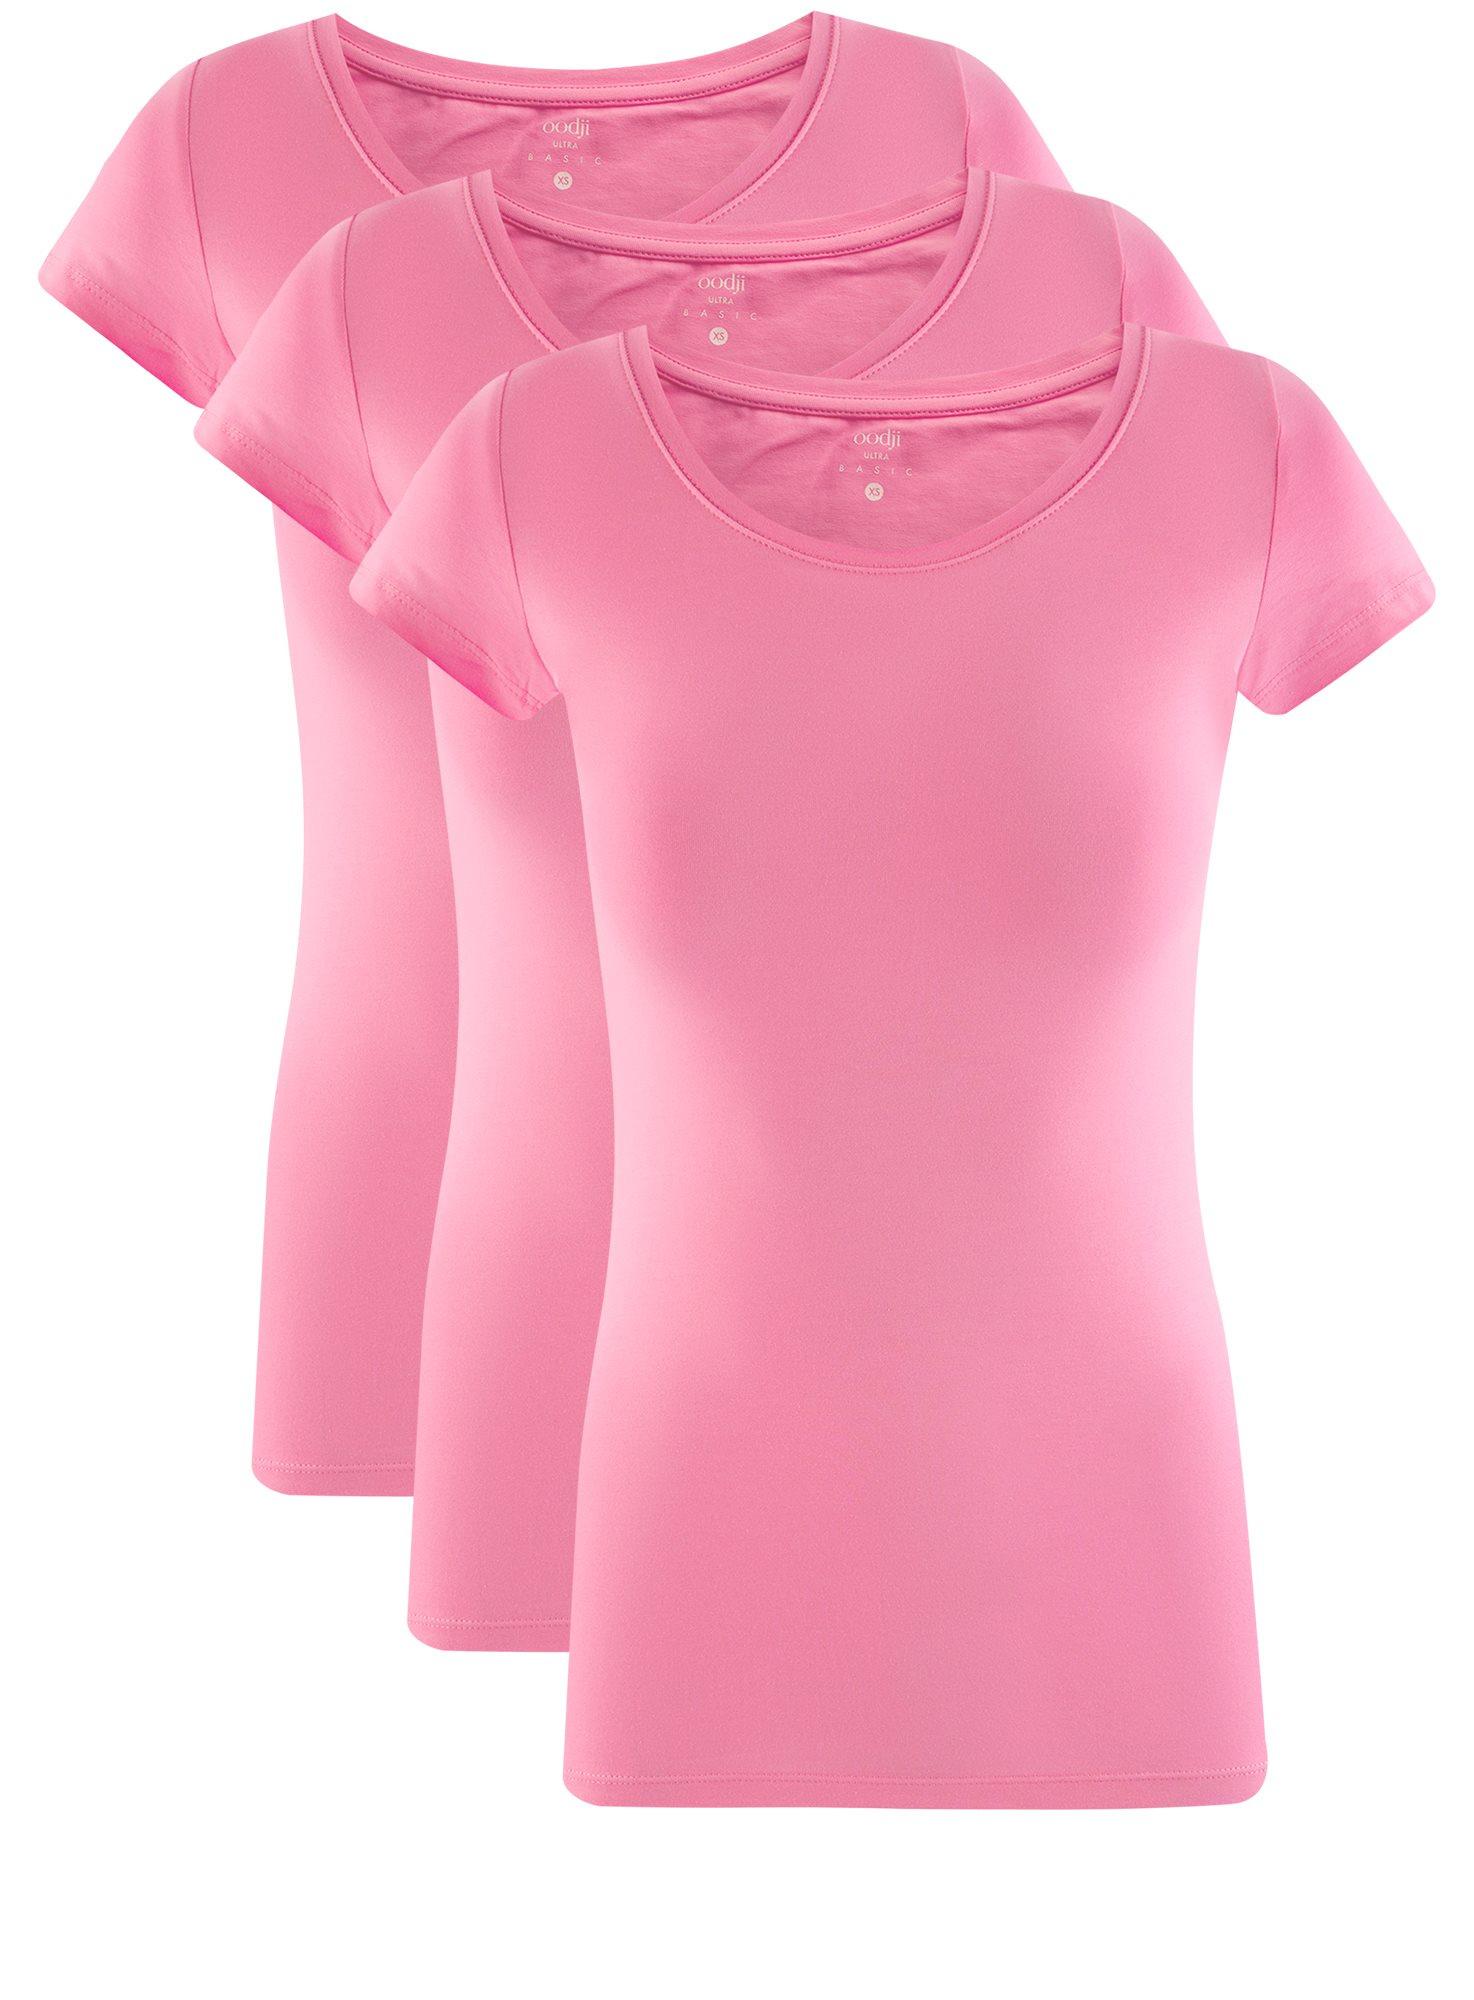 Футболка базовая приталенная (комплект из 3 штук) oodji для женщины (розовый), 14701005T3/46147/4100N